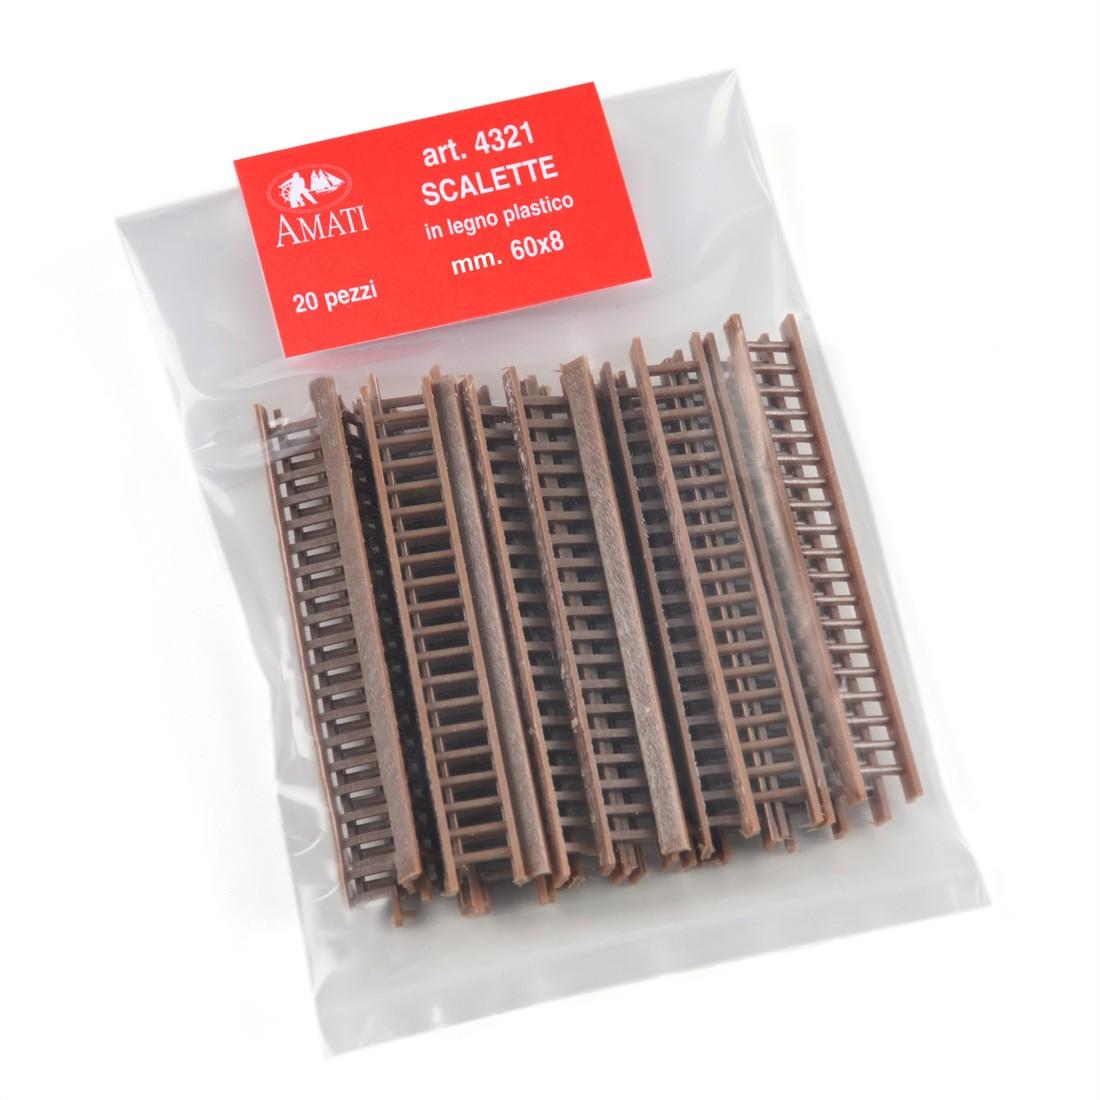 Scalette legno plastico mm. 60x8